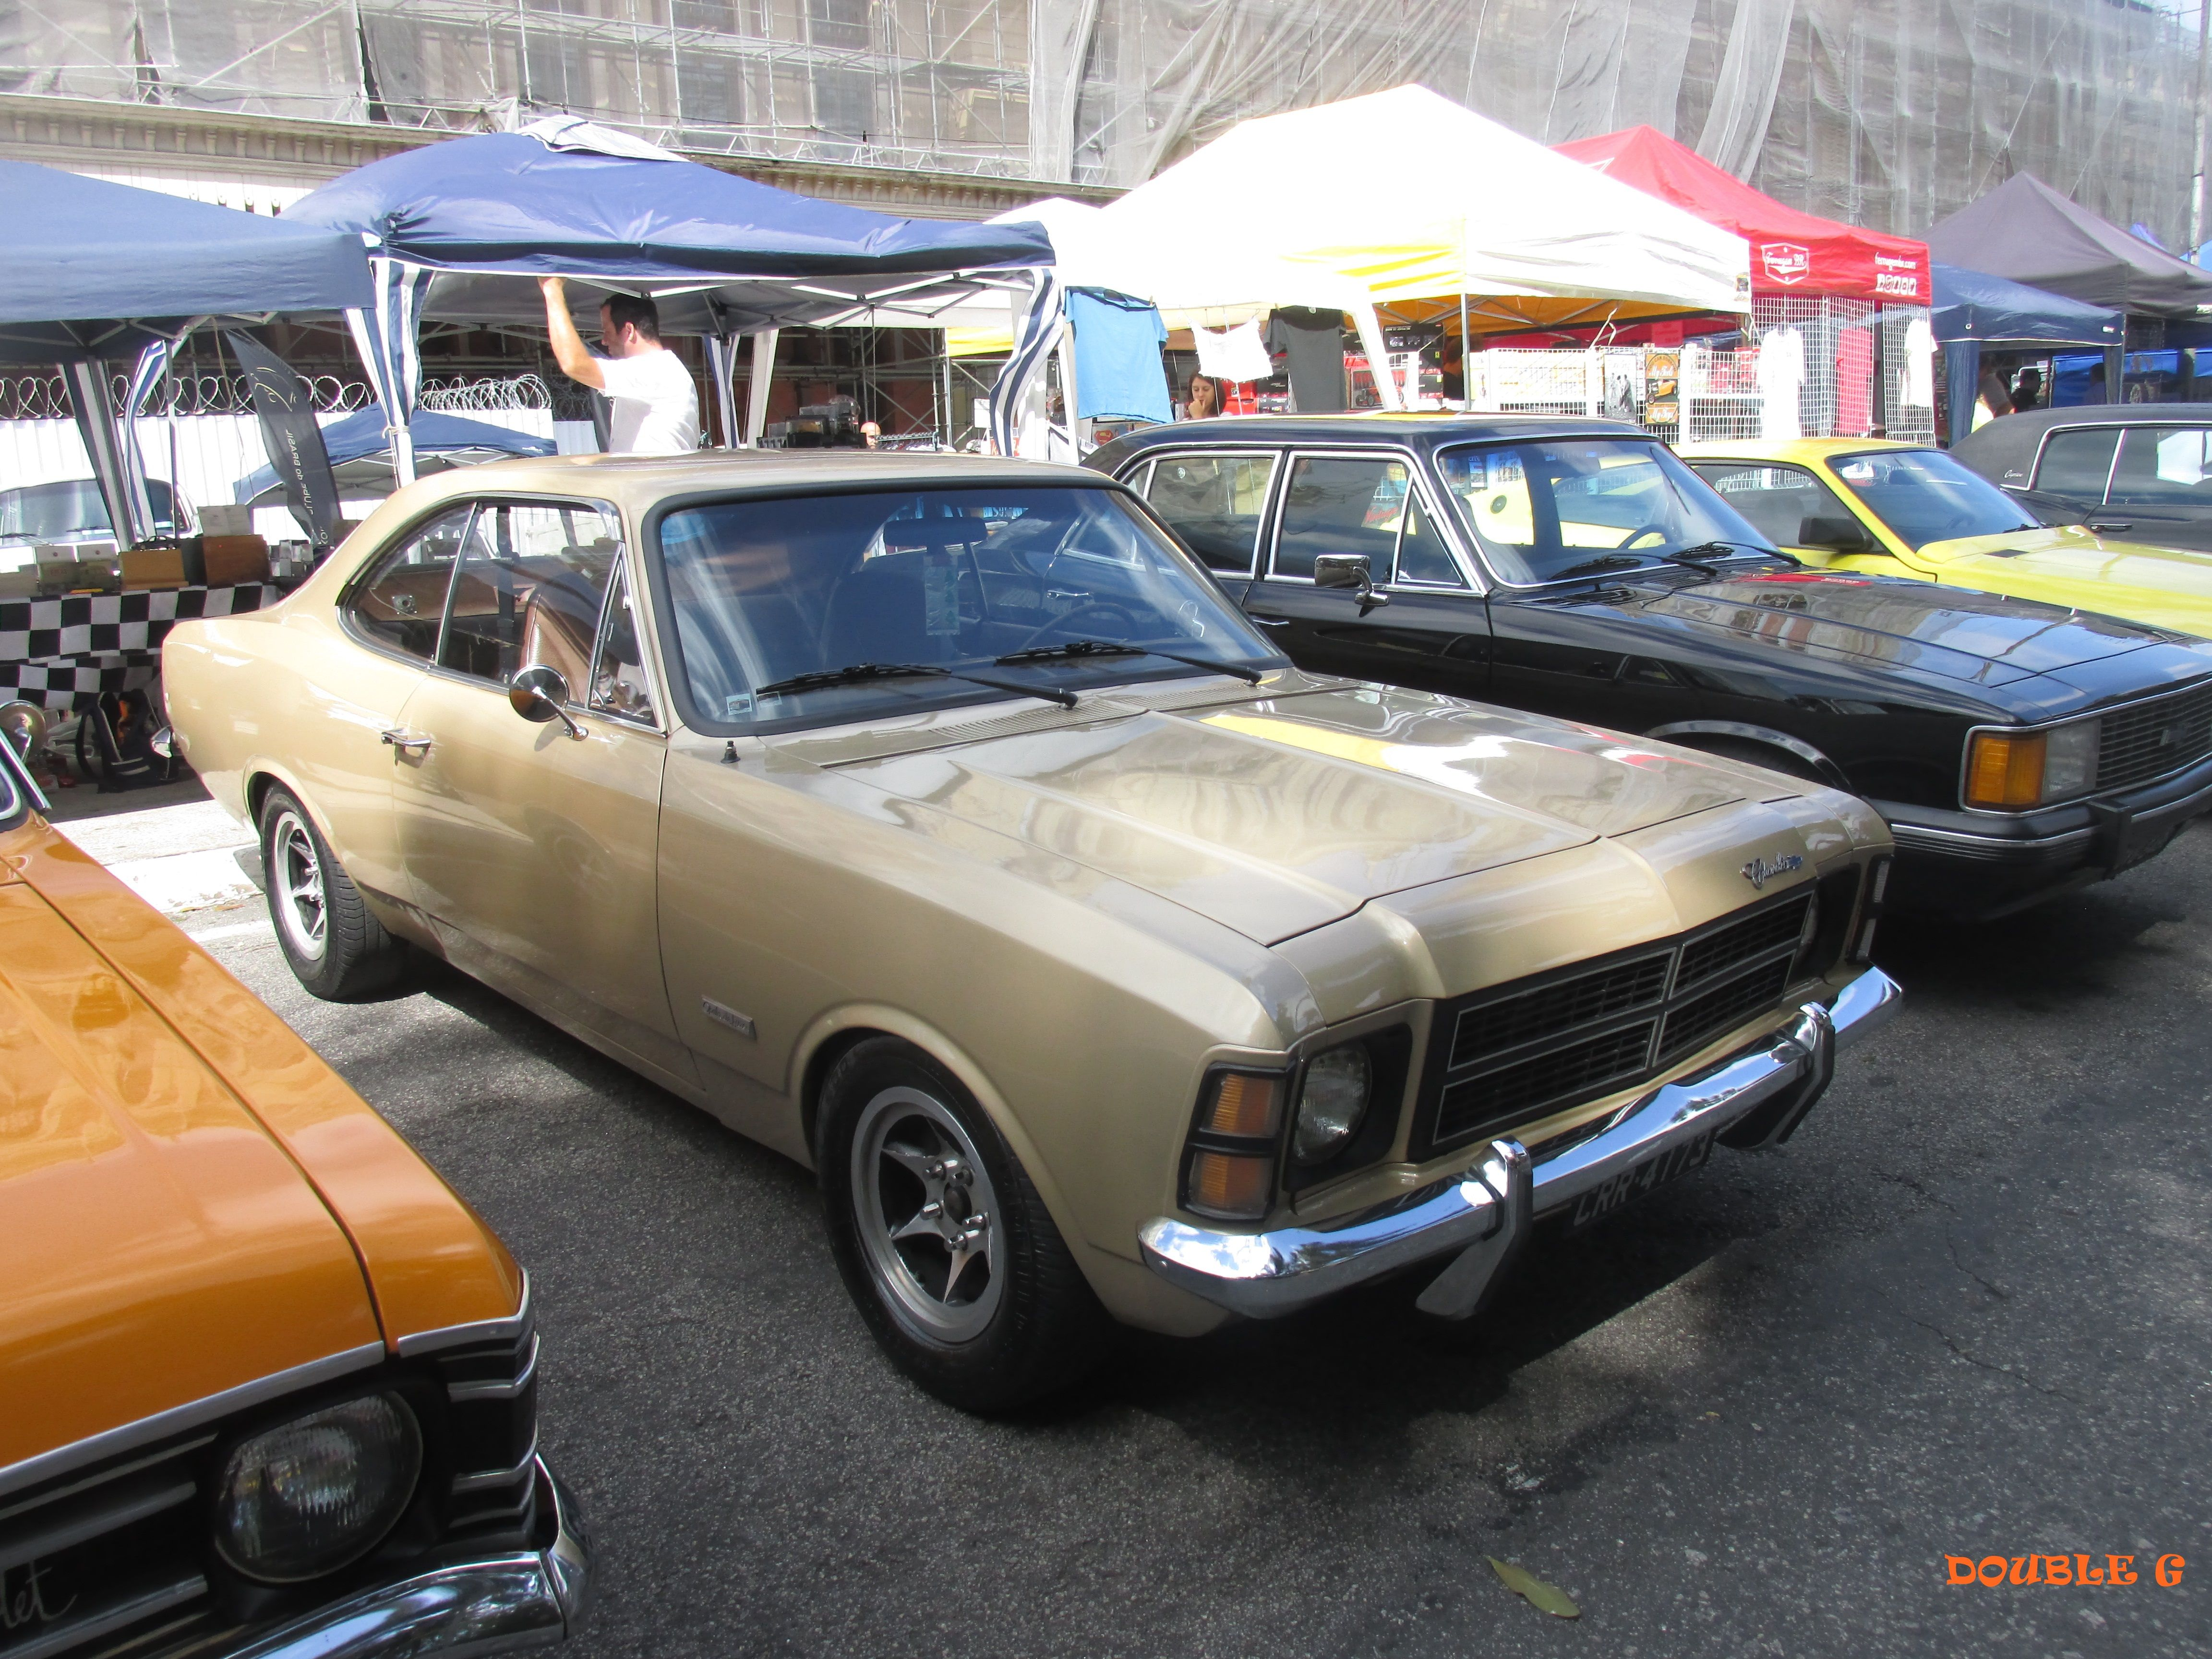 Chevrolet Opala Chevrolet Opala Opala Caravan E Opala